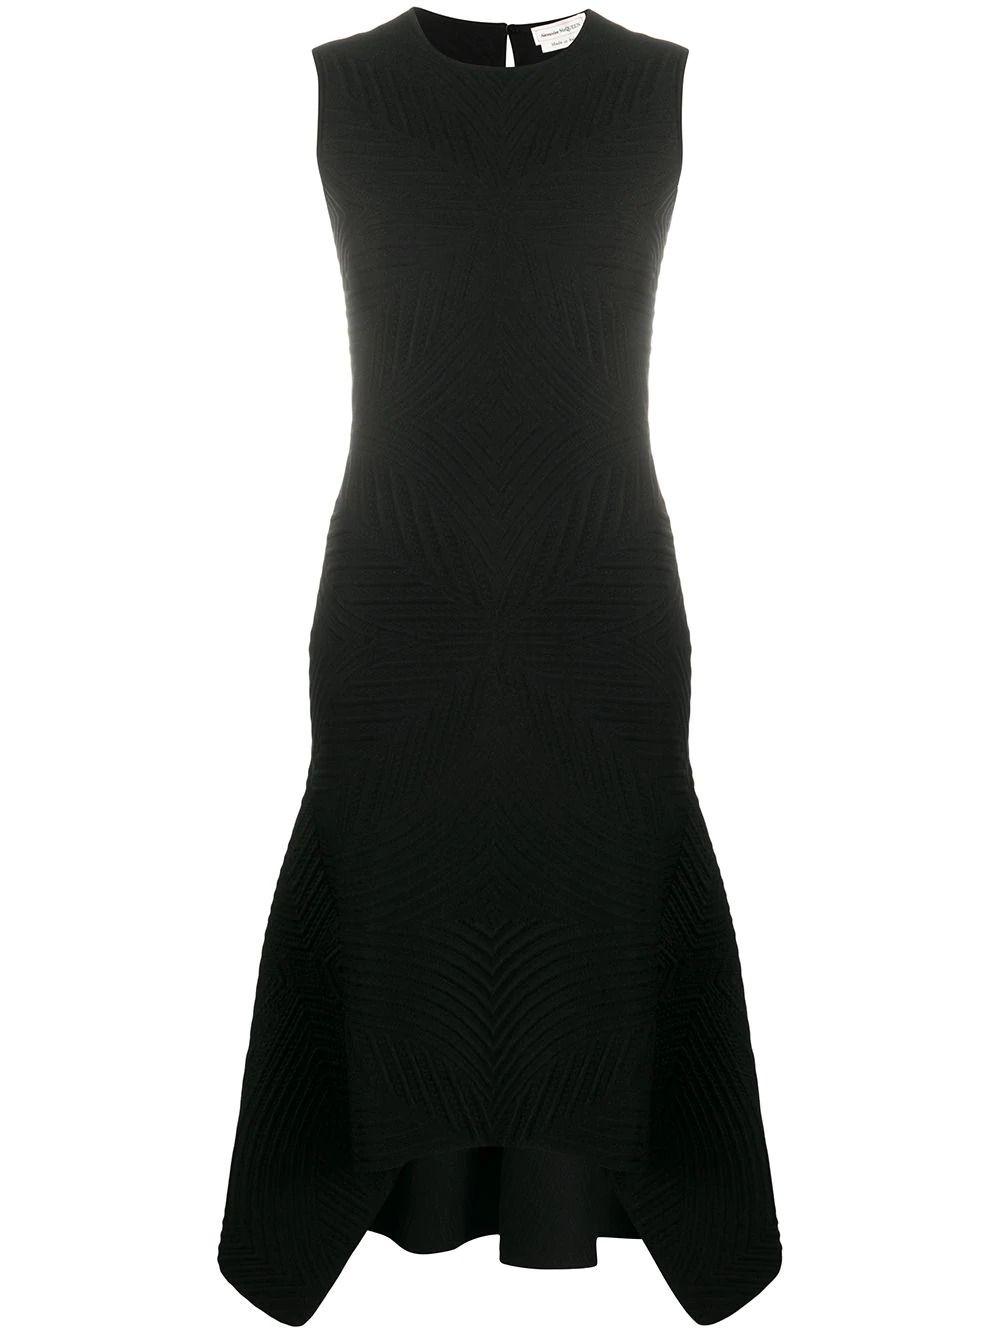 #PopbelaOOTD: Rekomendasi Knit Dress Hitam untuk Berbagai Occasion